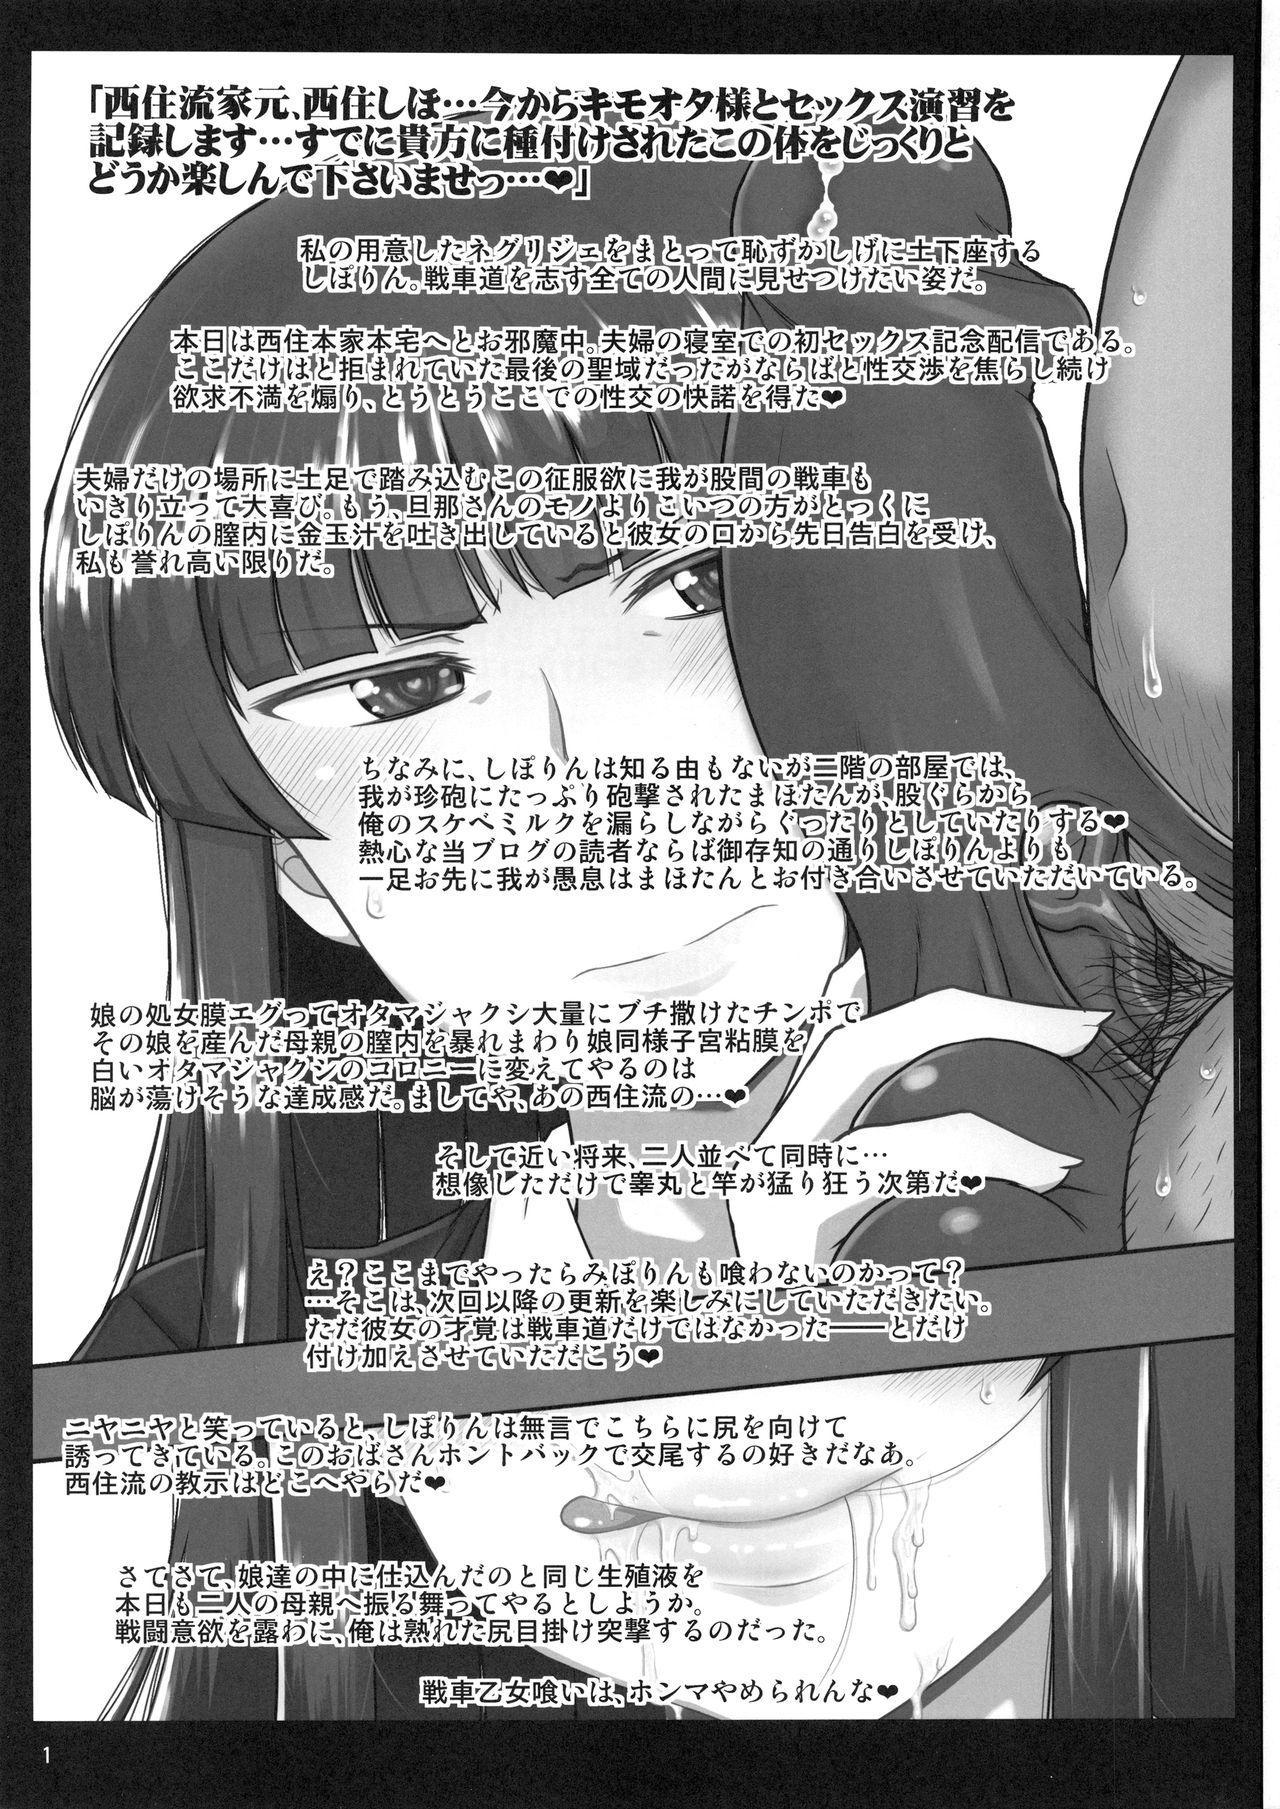 Girl?s & Semen III Nishizumi Shiho no Moteamashita Ureure Body wo Chuunen Chinpo de Soutou Sakusen! Iemoto Ransou ni Idenshi Seichuu Butai Shinkou Kaishi 1